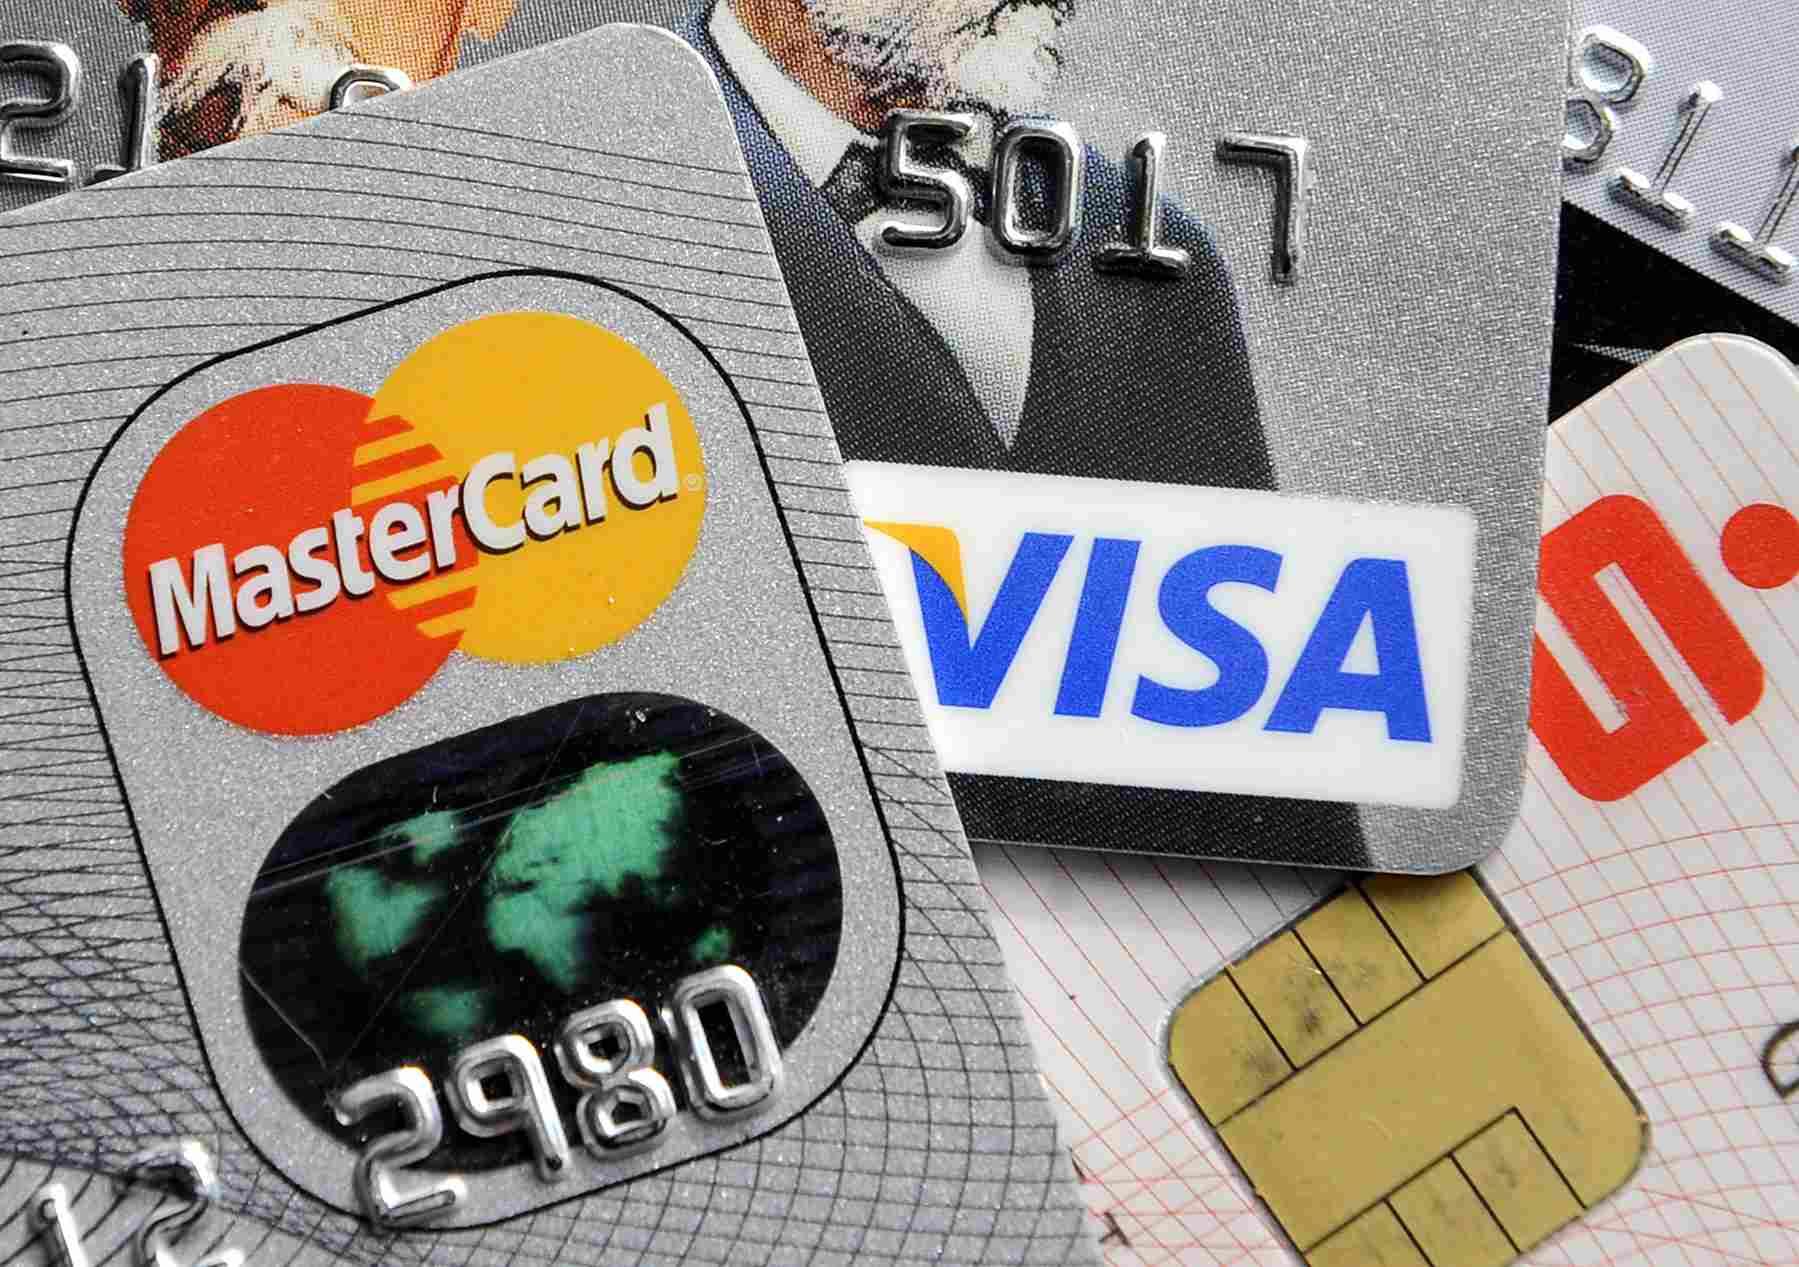 где можно взять кредит без отказа без справок и поручителей быстро на карту онлайн